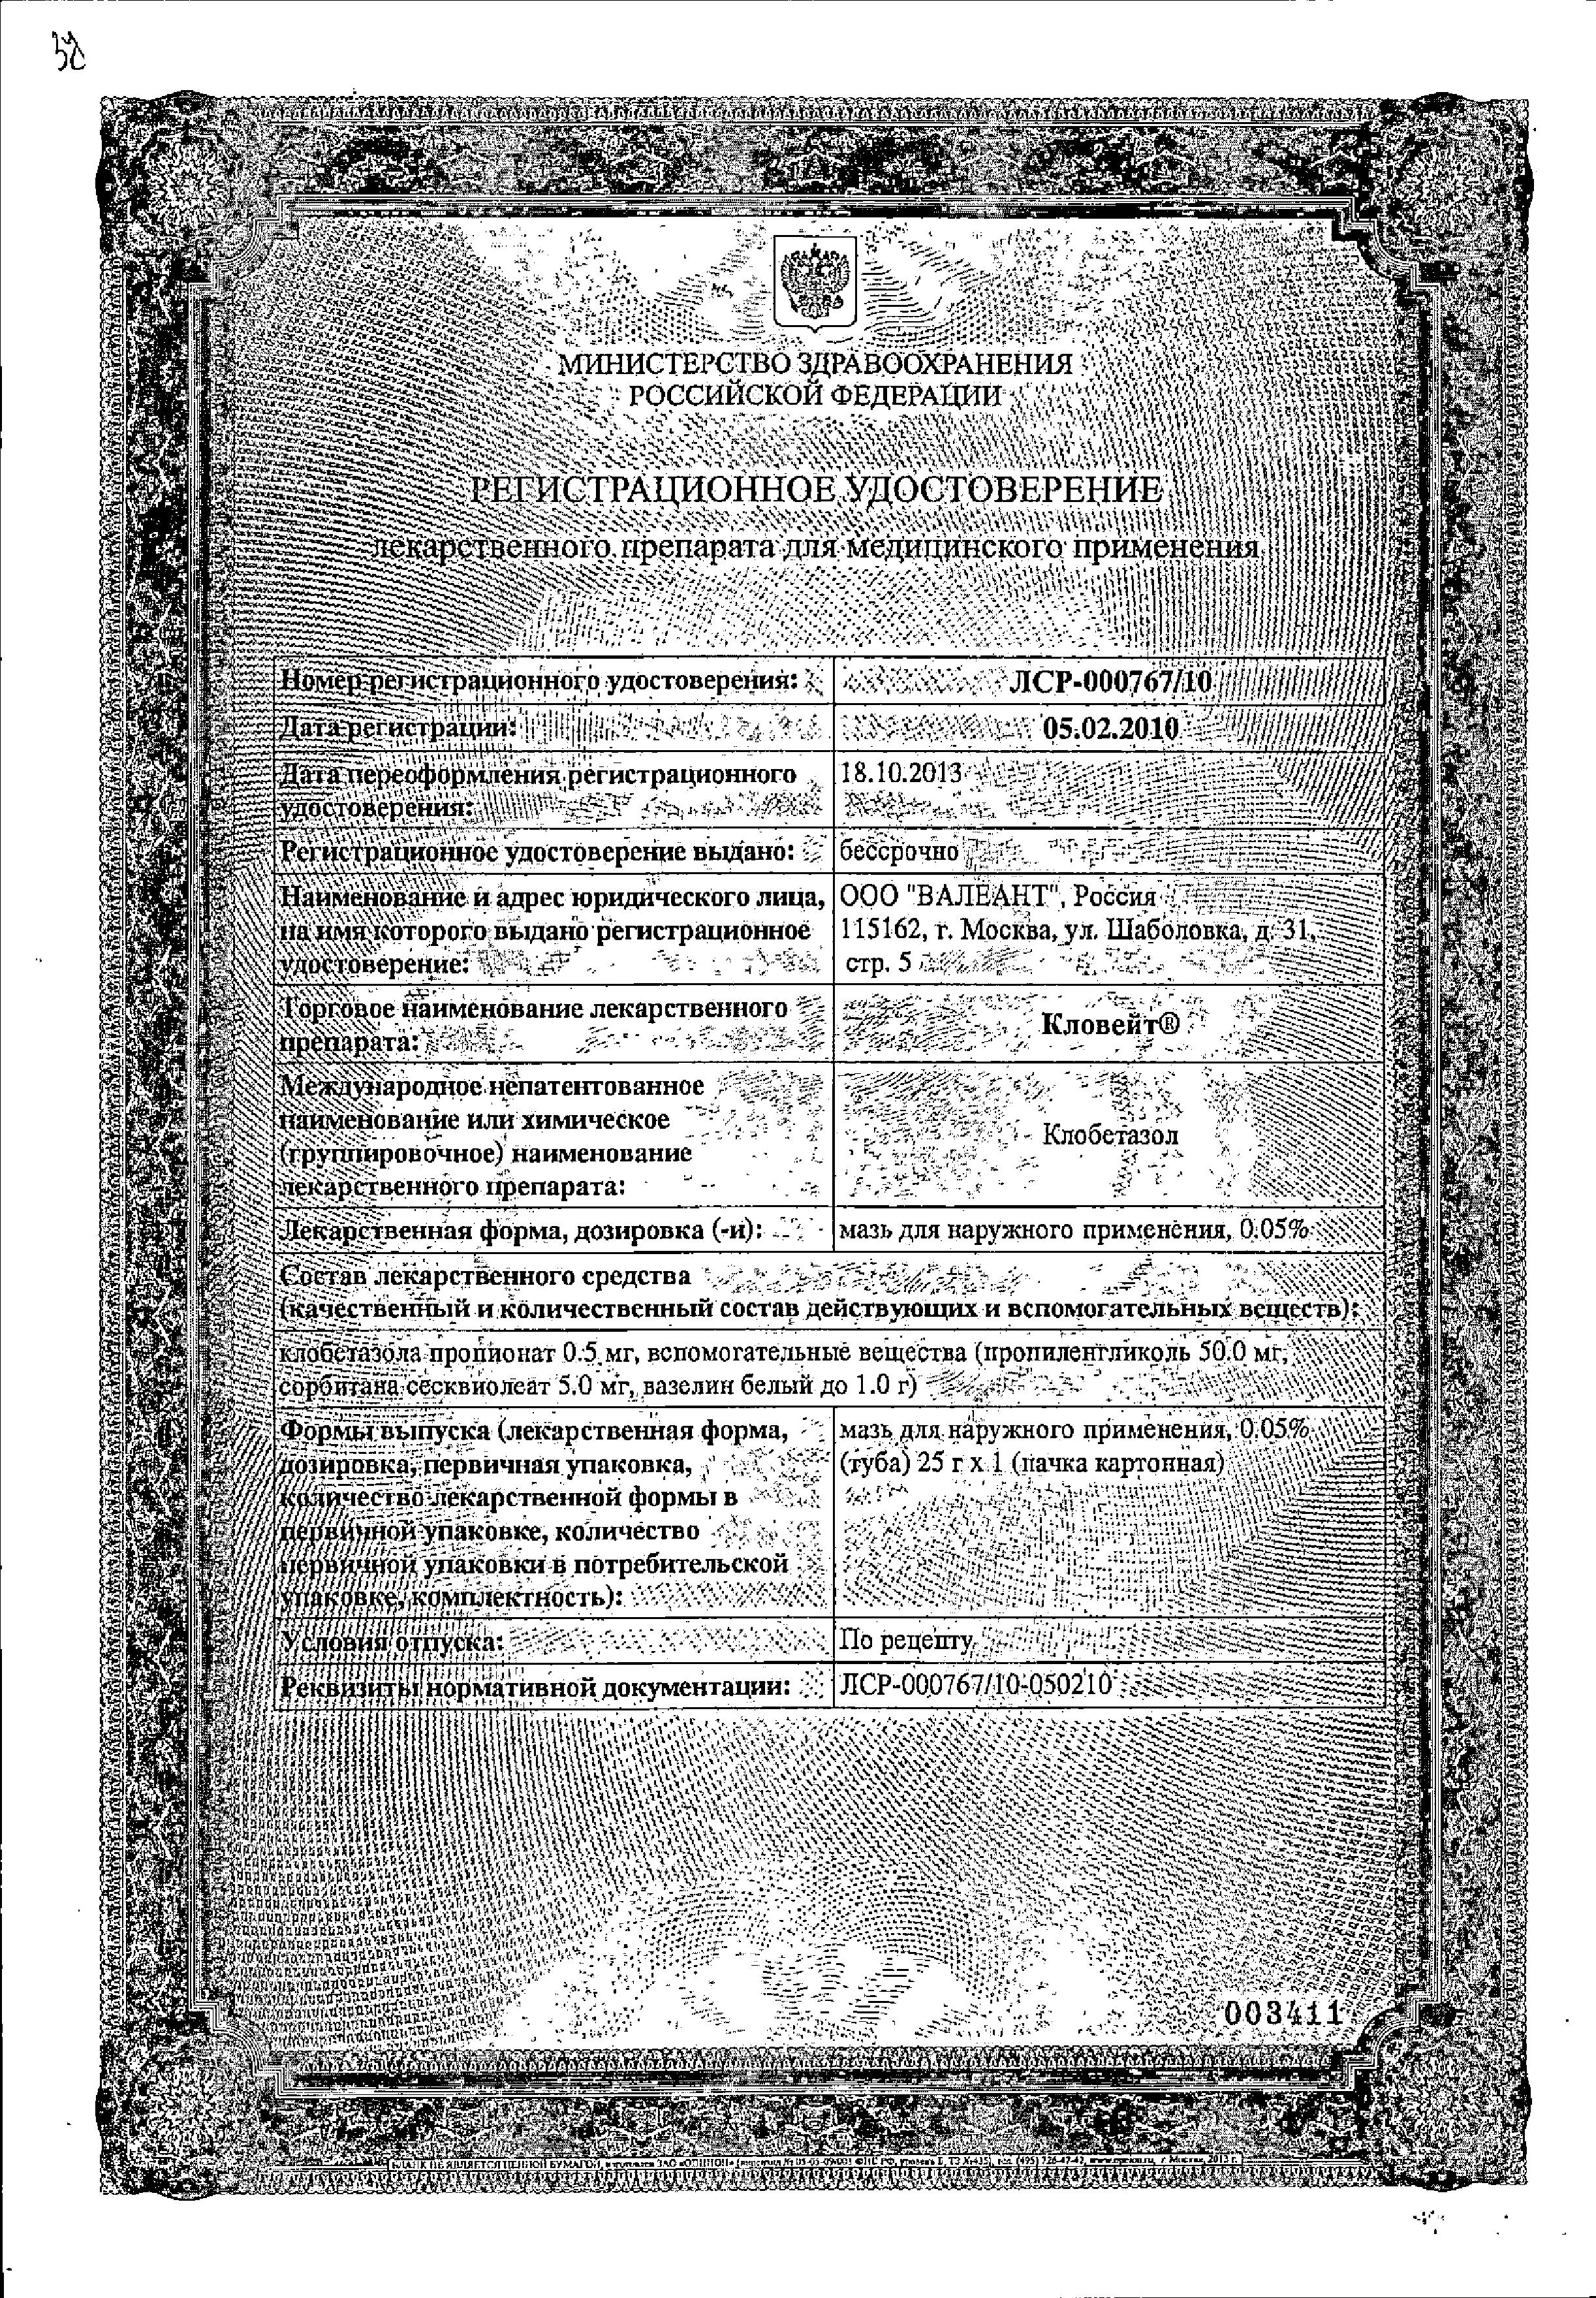 Кловейт сертификат